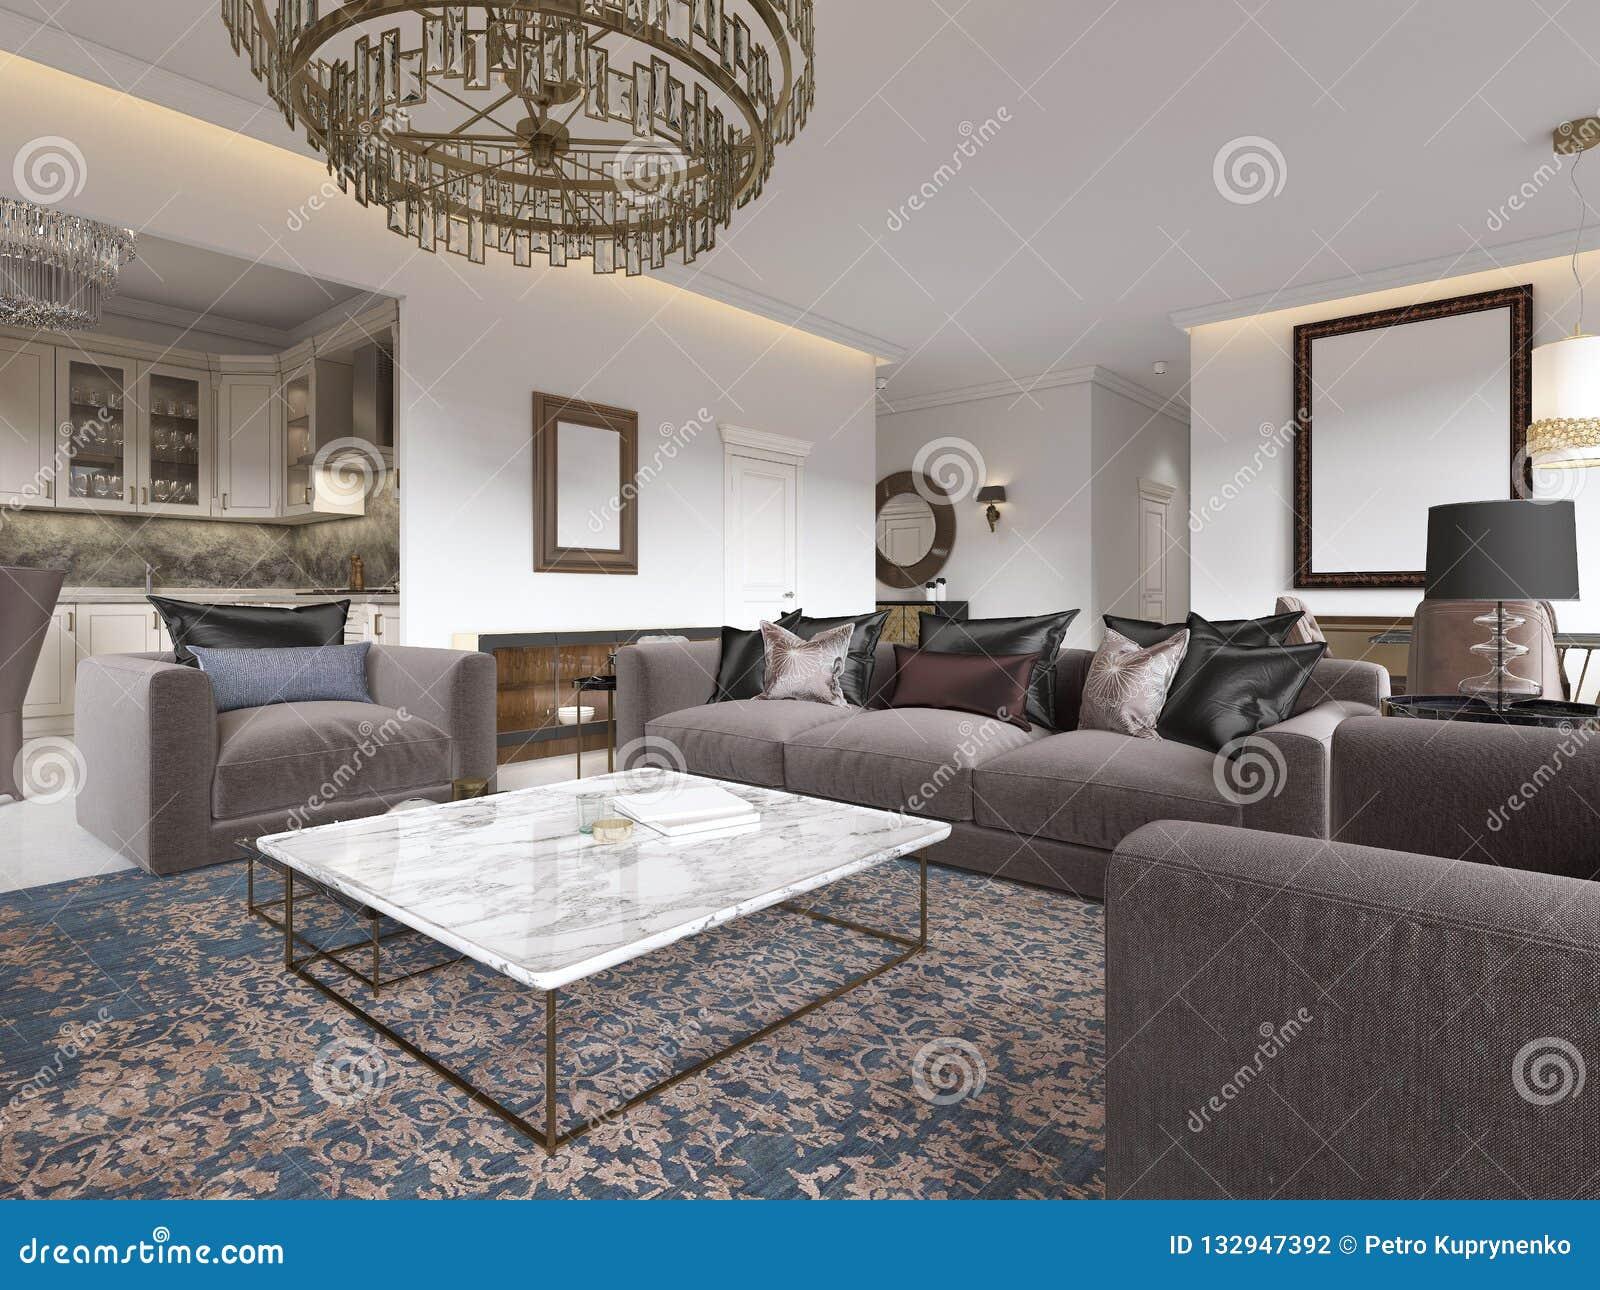 Table Basse Grand Salon intérieur de luxe moderne de salon avec un sofa, des